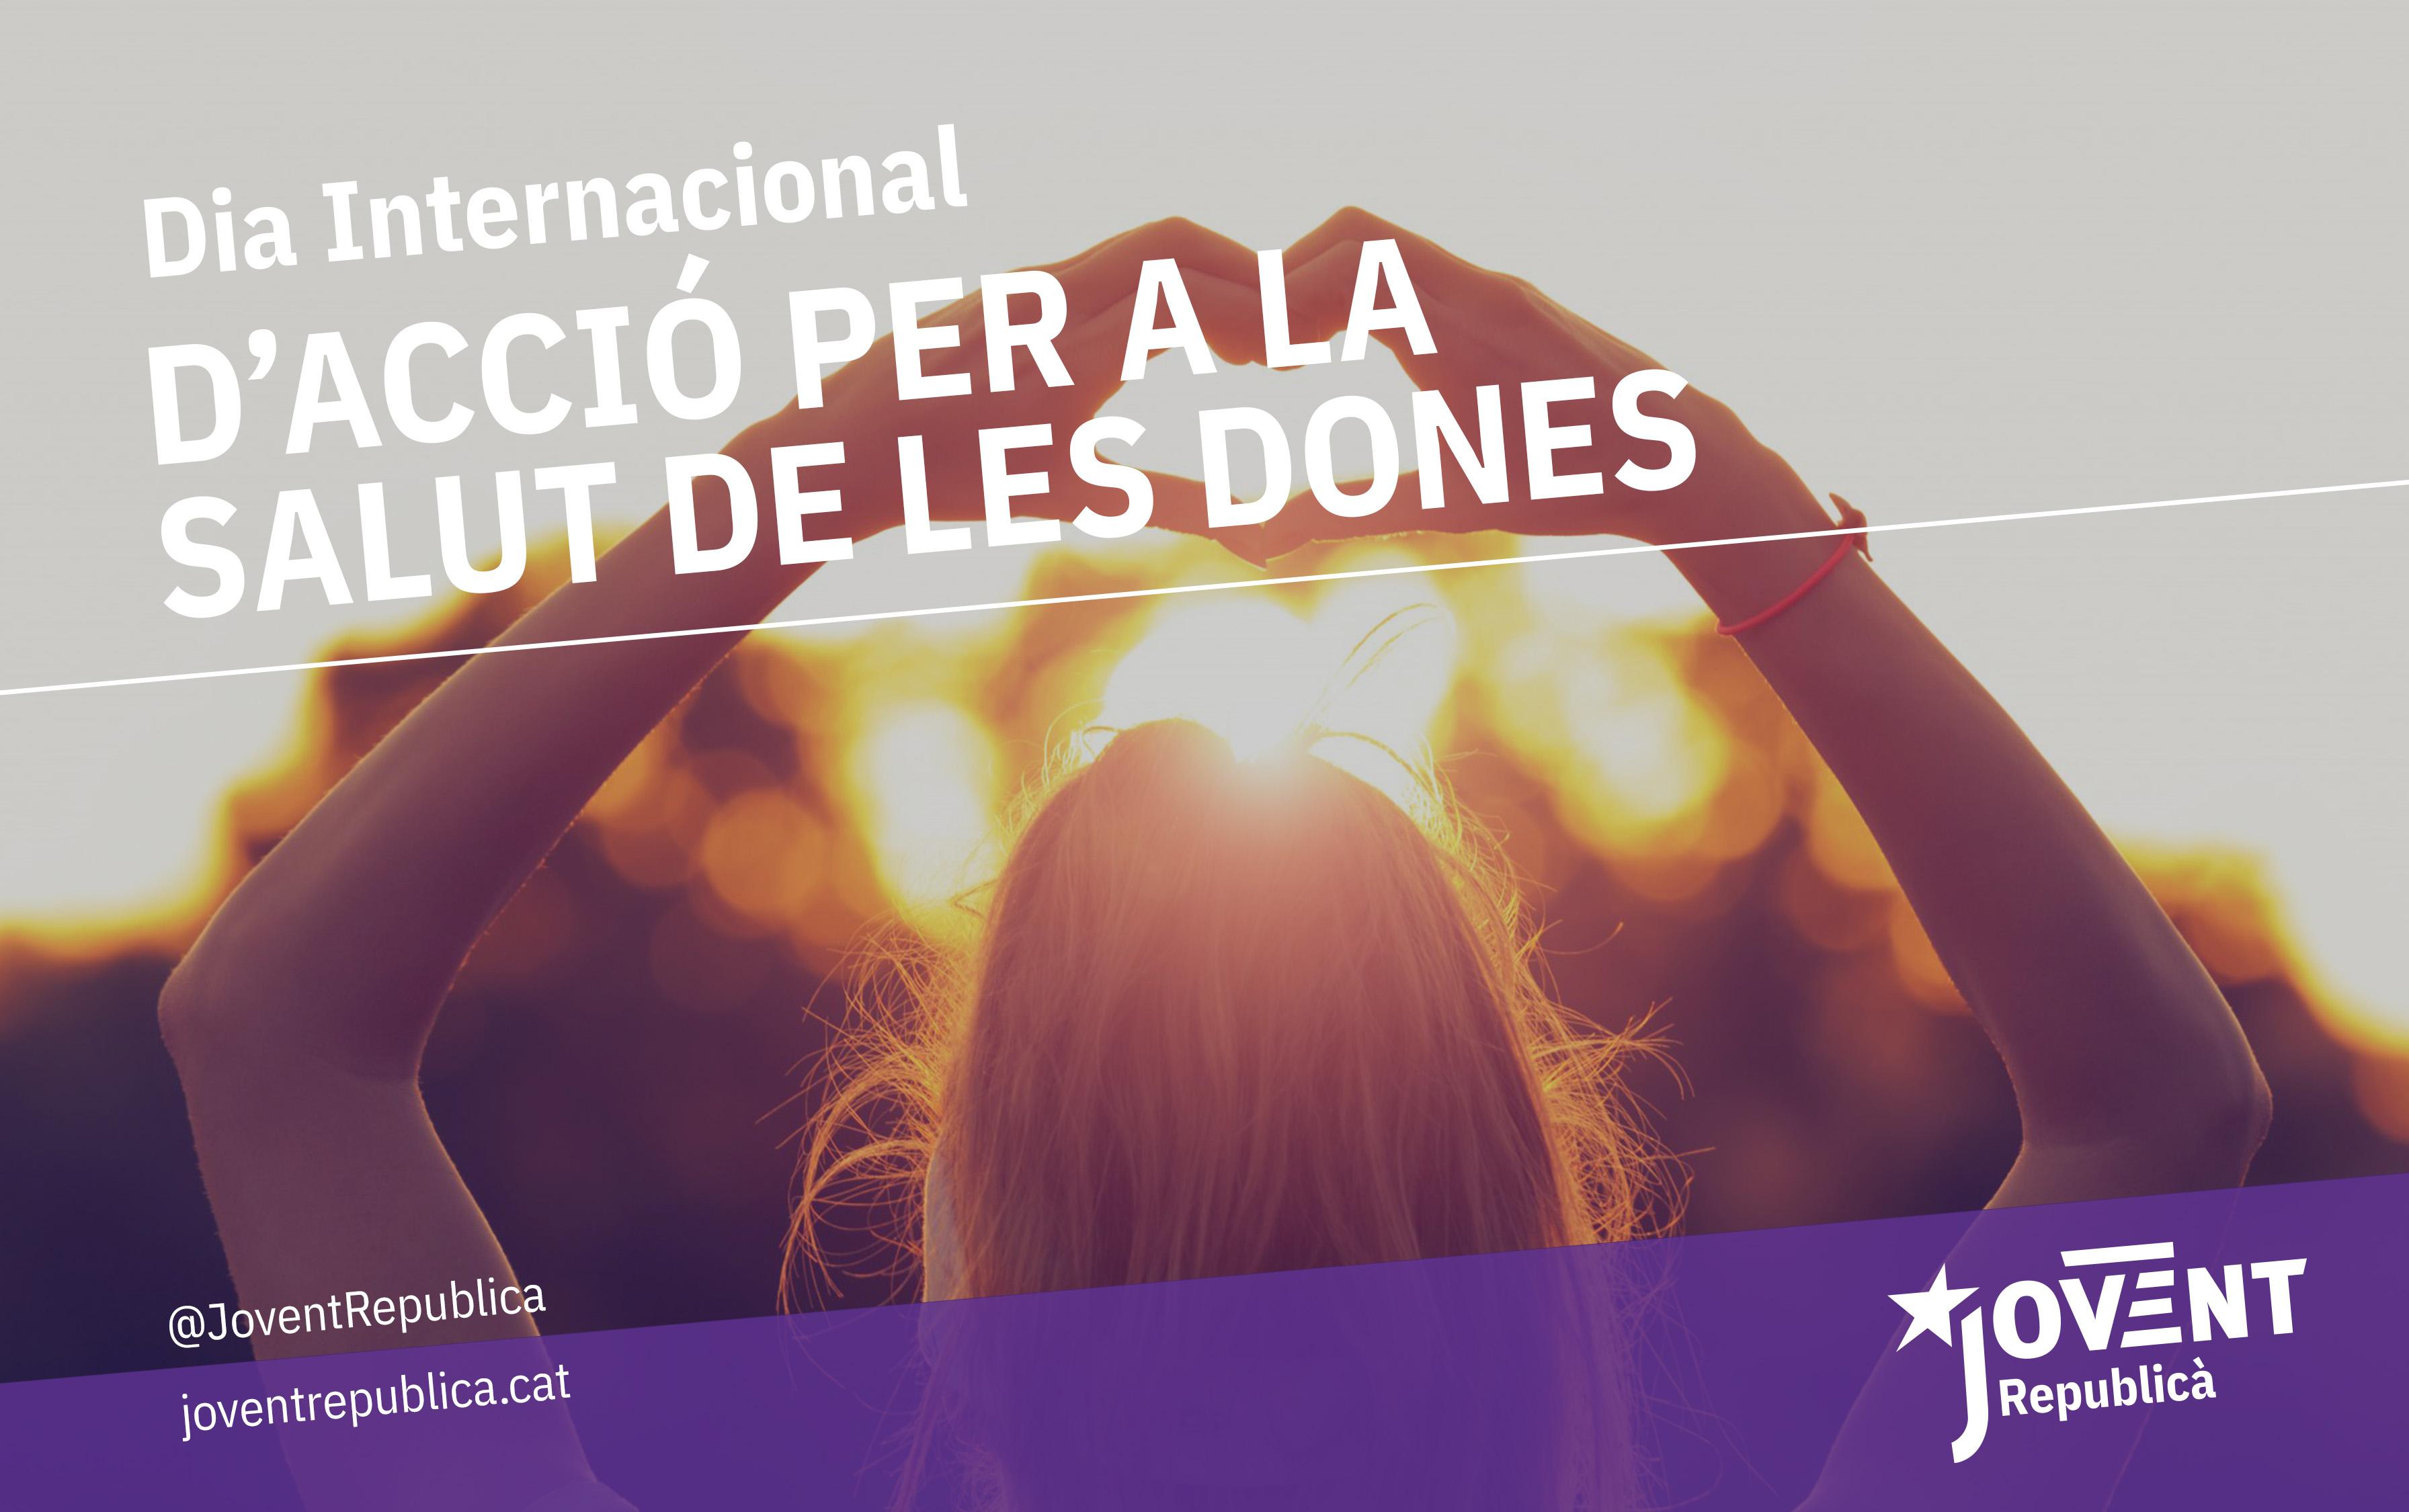 Dia Internacional d'acció per a la salut de les dones